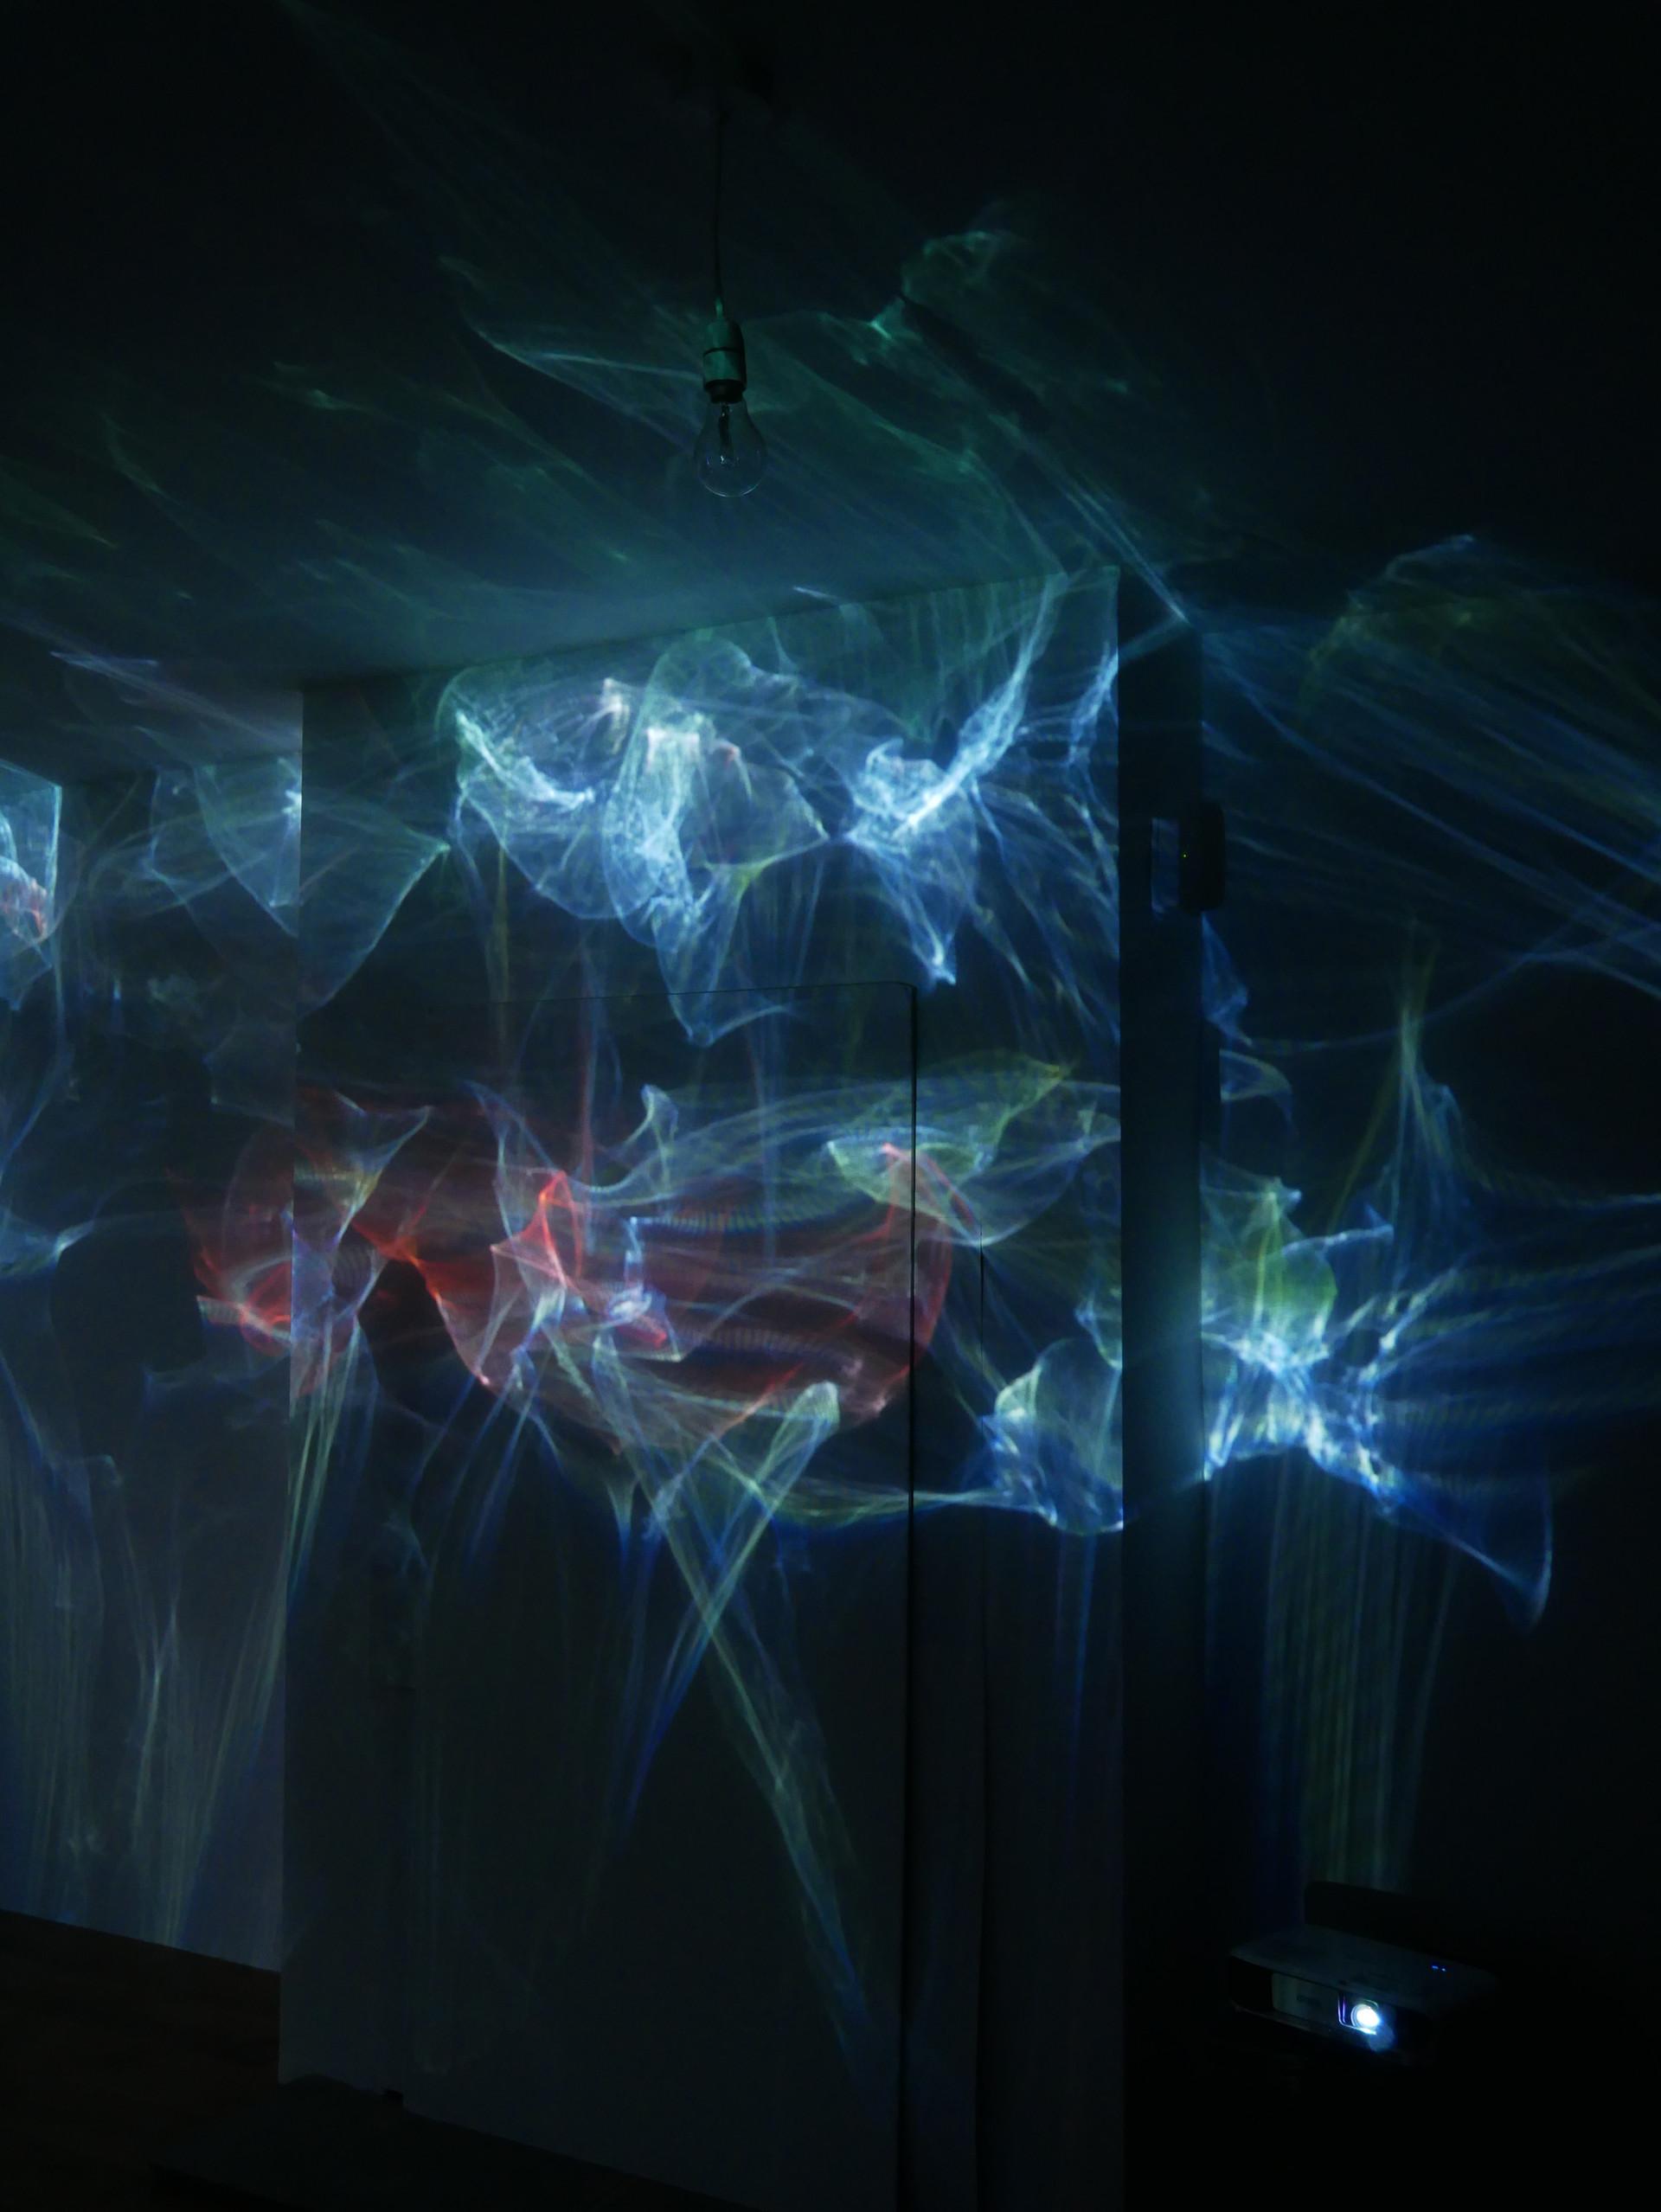 An External Light